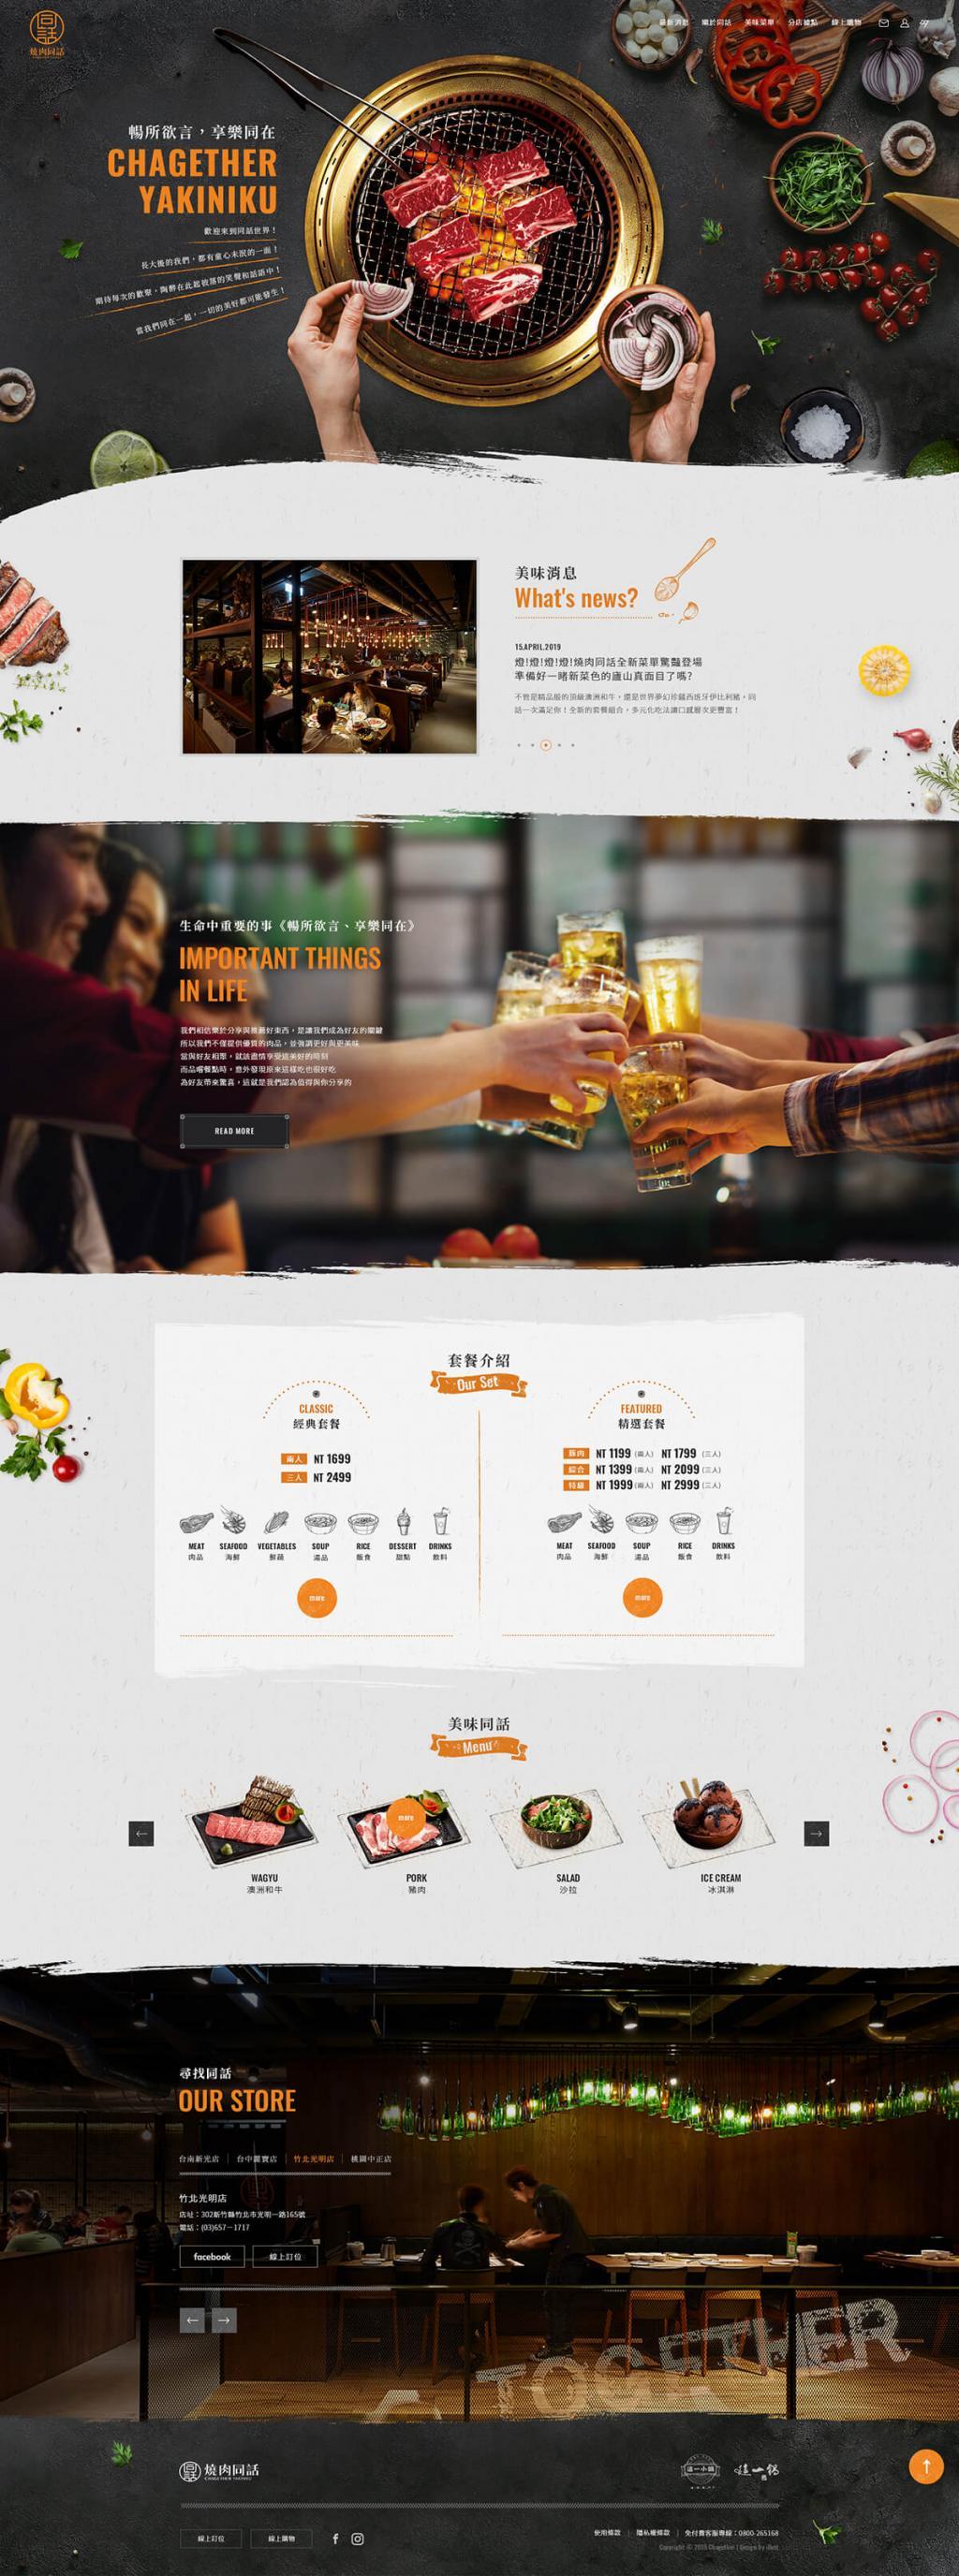 燒肉同話-網頁設計